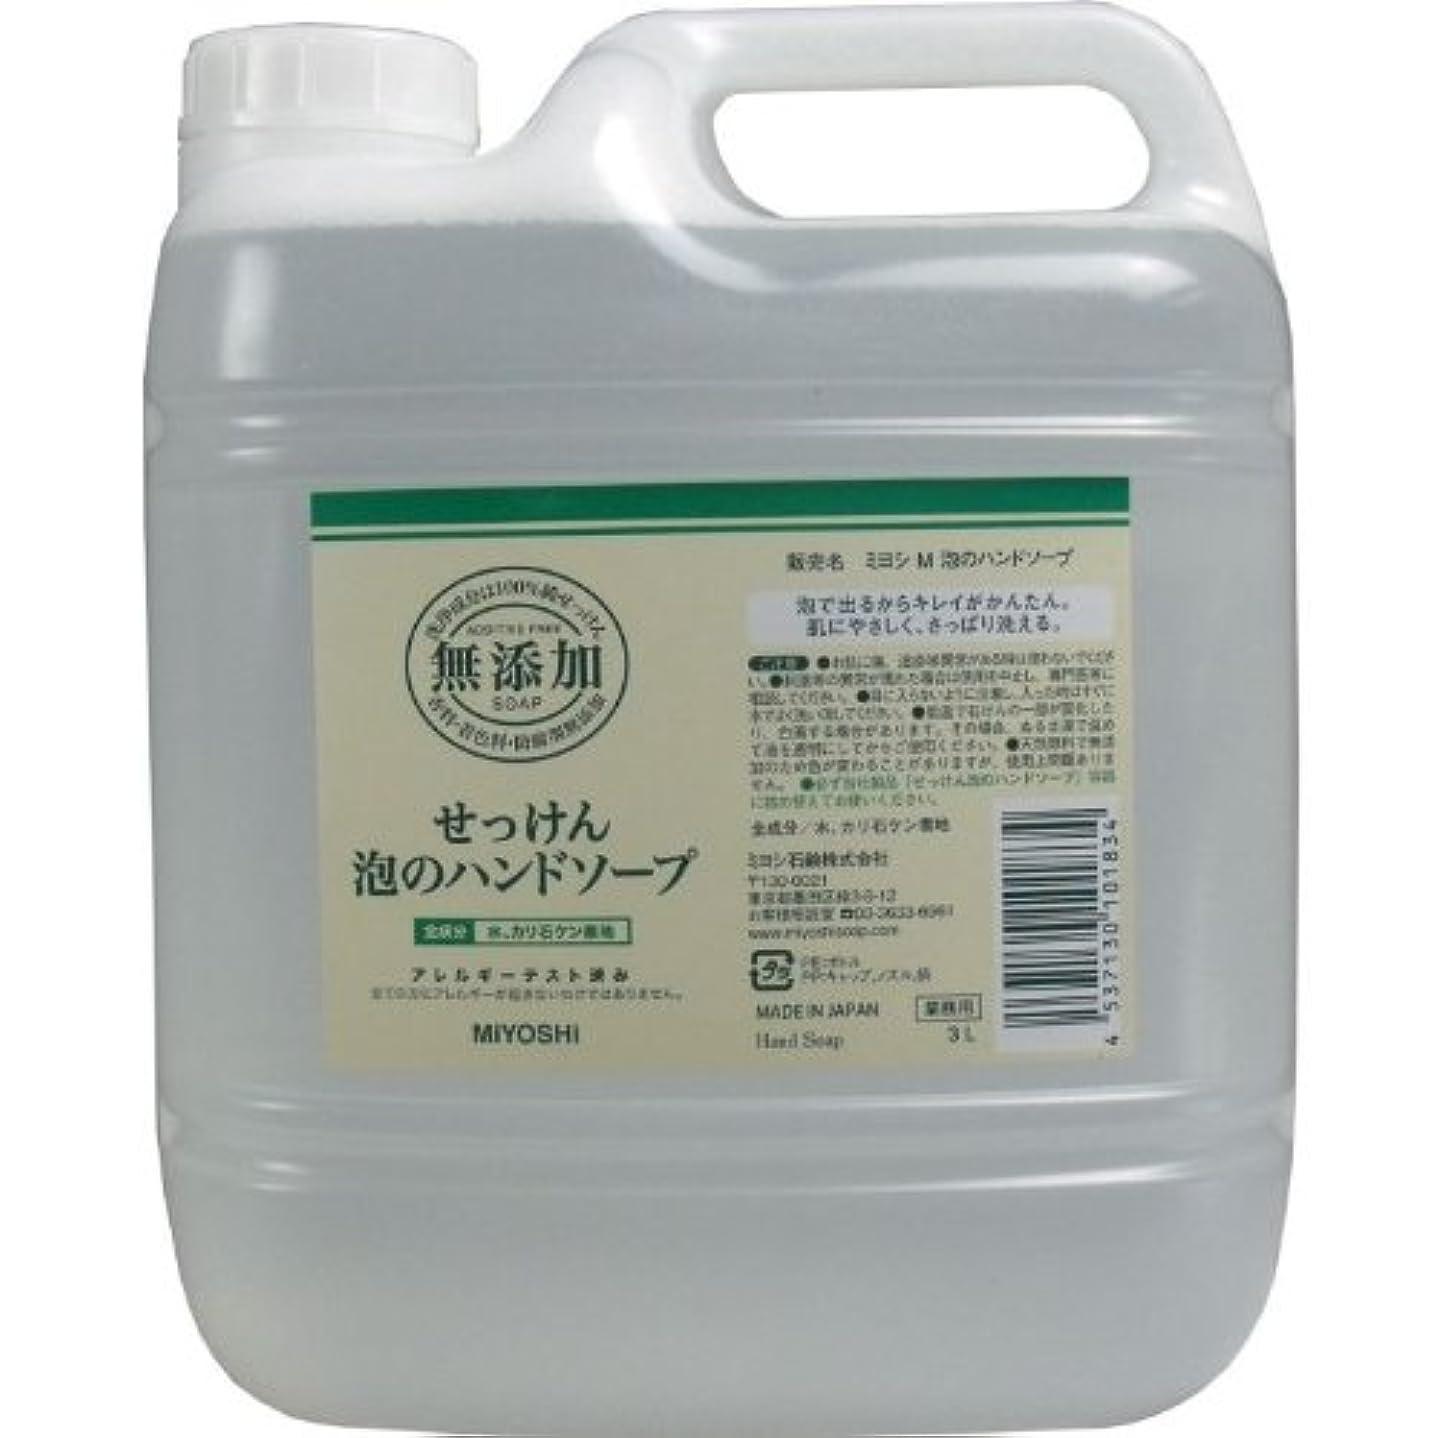 認知ゲインセイ敵泡で出るからキレイが簡単!家事の間のサッと洗いも簡単!香料、着色料、防腐剤無添加!(業務用)3L【5個セット】